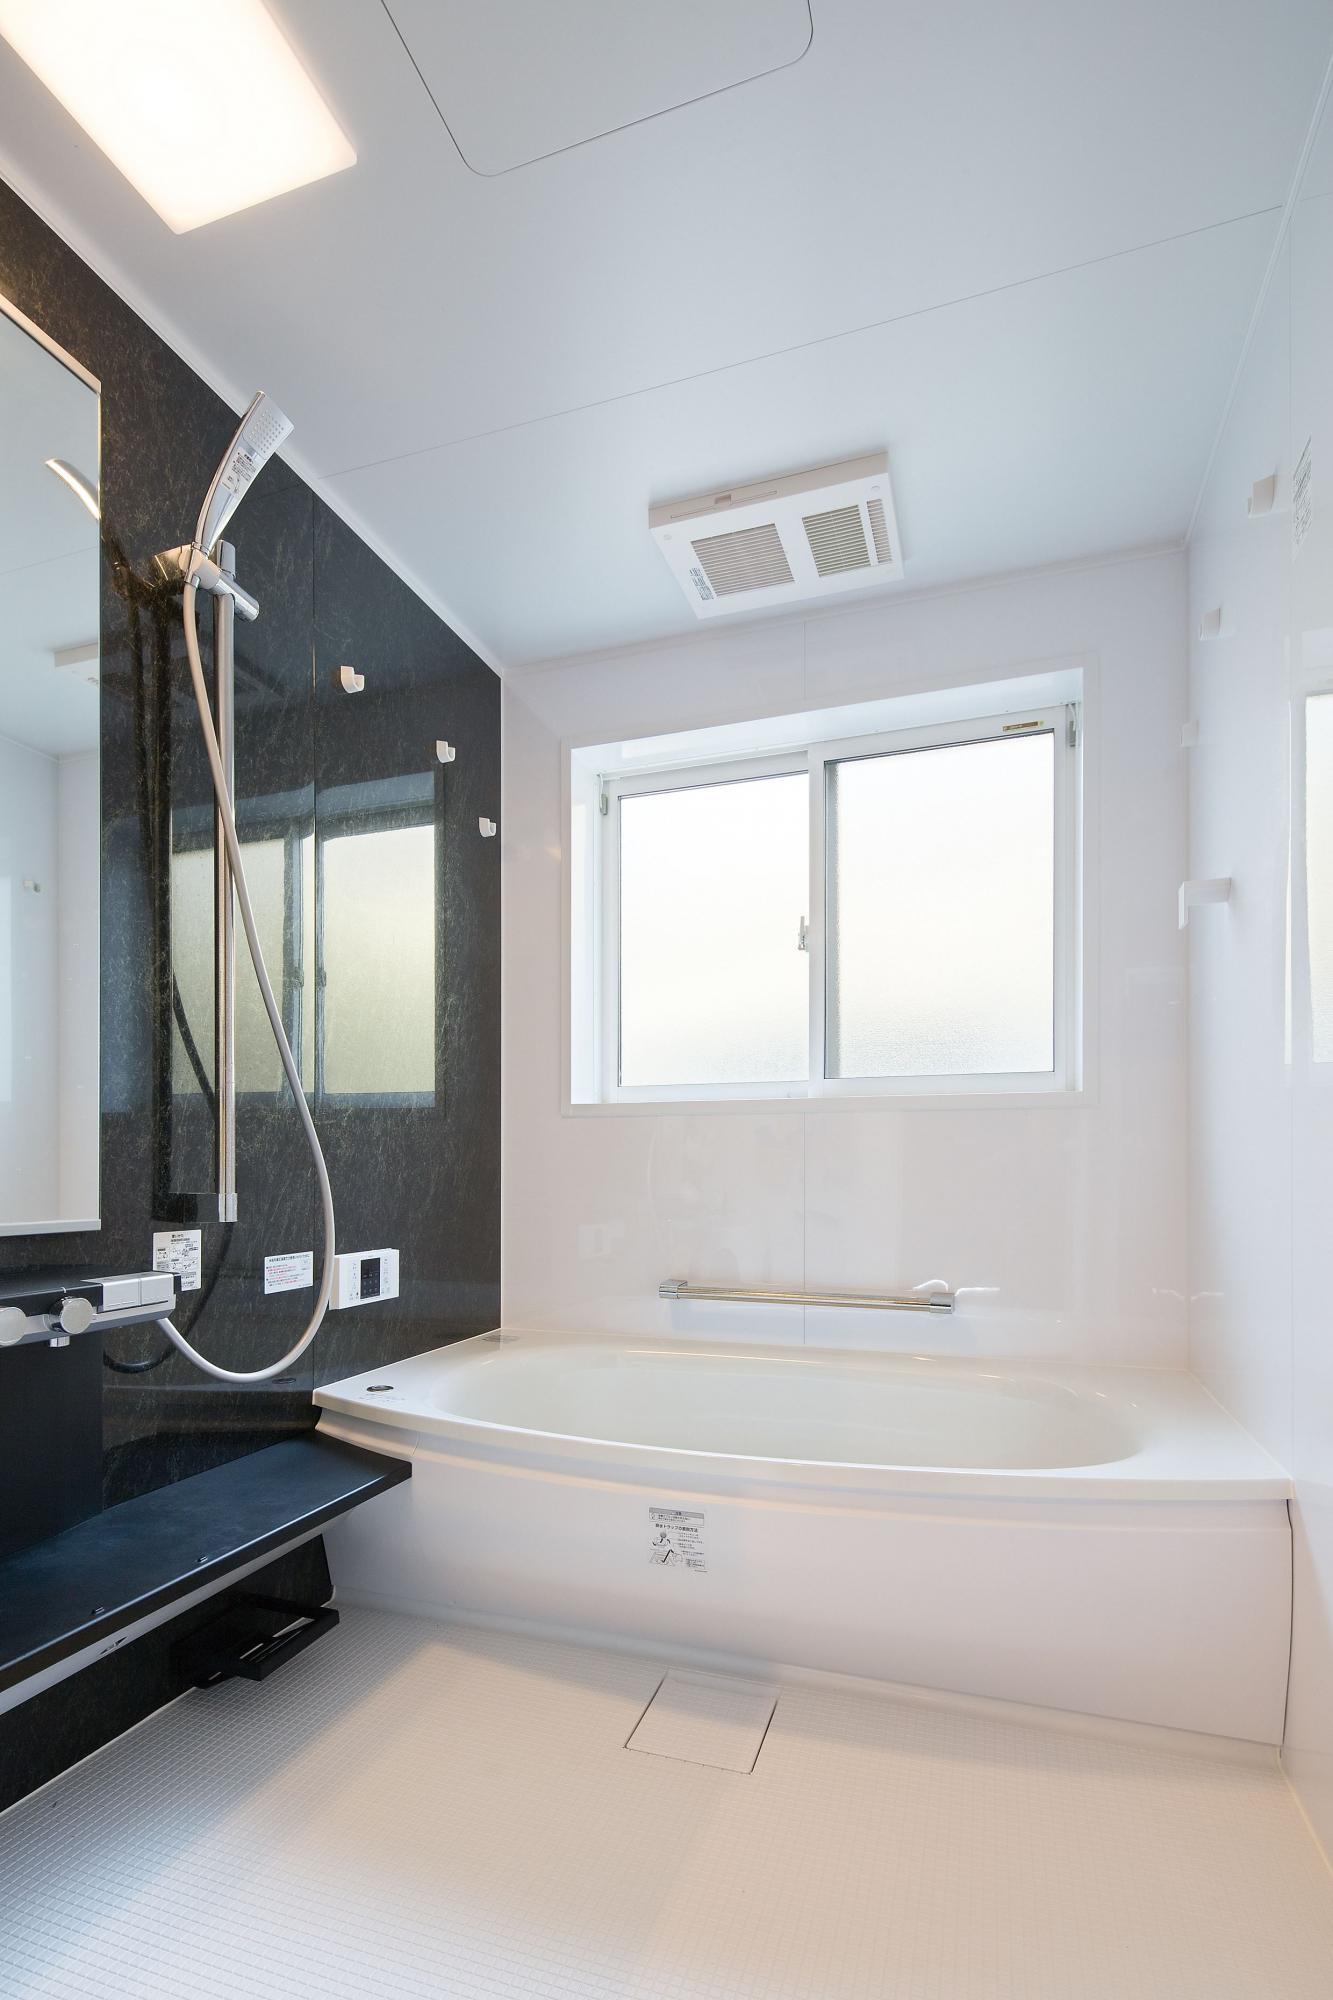 白とブラウンの配色でコーディネートしたバスルームは配置を変更し、洗い場のスペースを広げている。